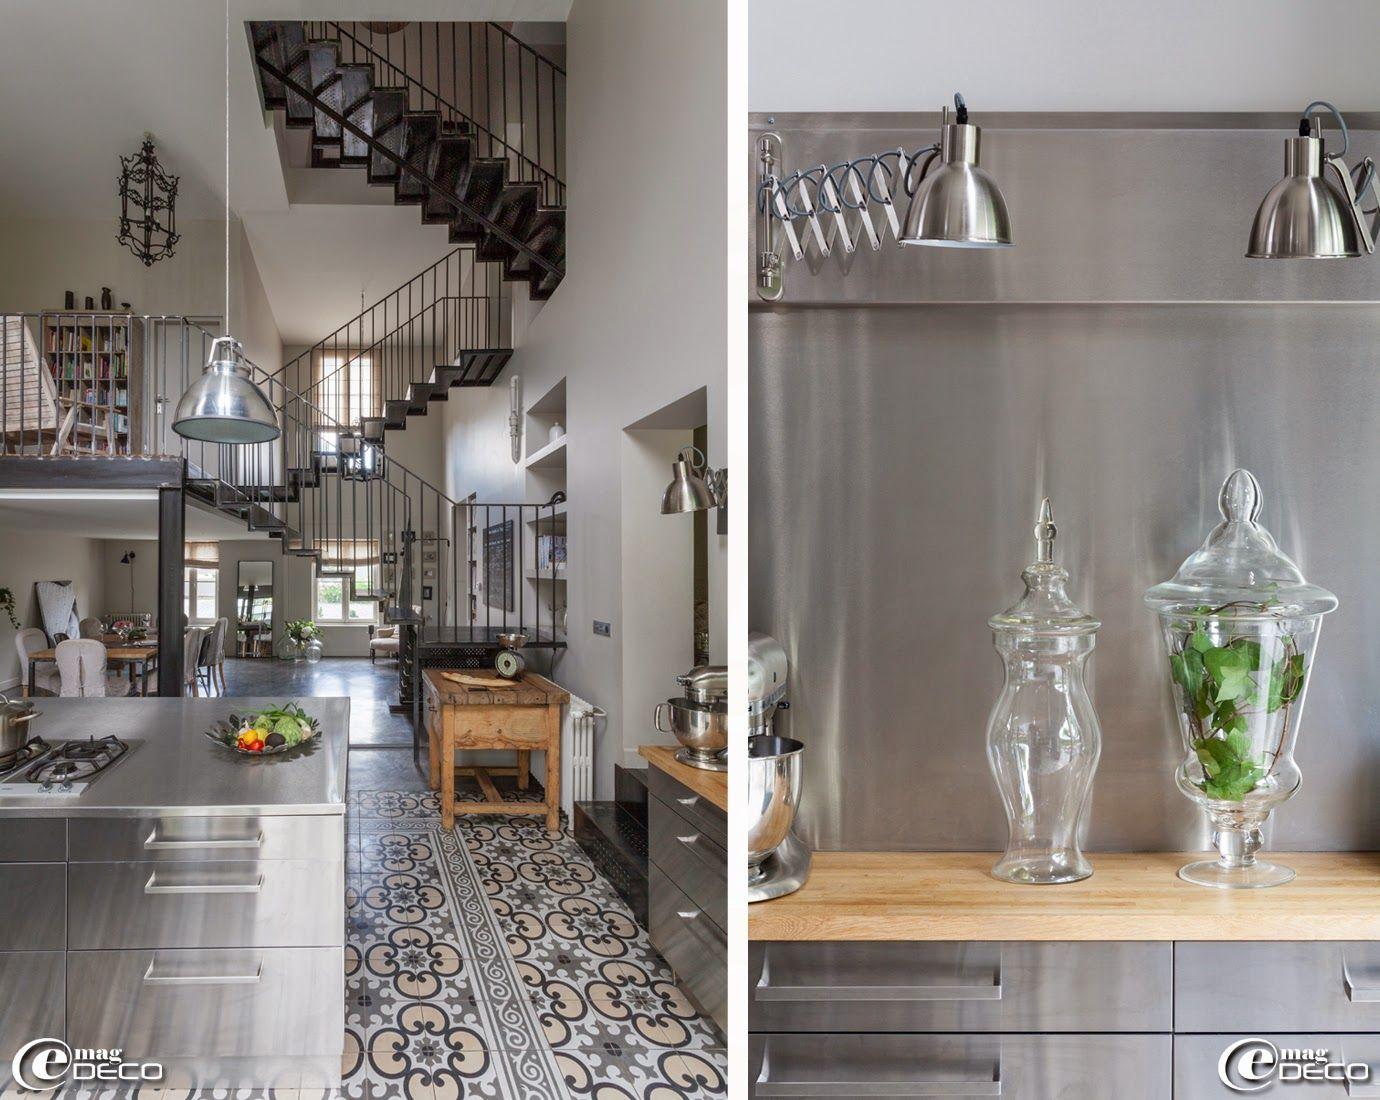 Sol en carreaux de ciment 39 boutique scherer 39 bordeaux meubles de cuisine en inox 39 ikea - Carreaux de ciment cuisine sol ...